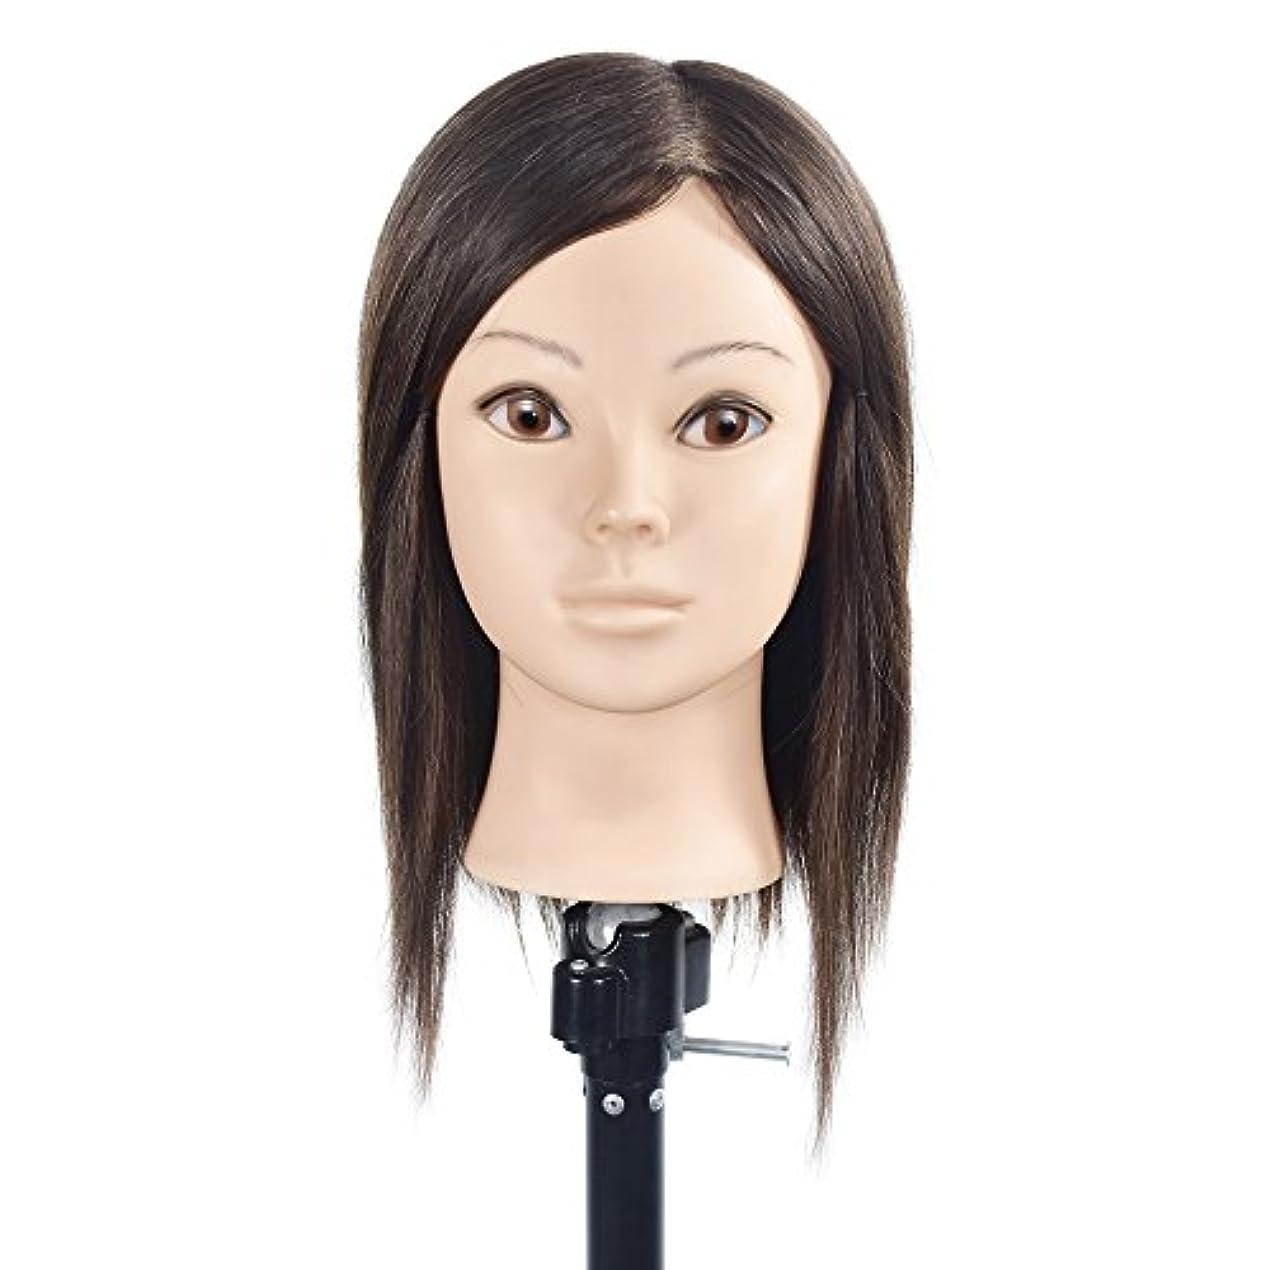 寝室を掃除する助言有害トレーニングヘッド美容師100%リアルヒューマンヘアスタイリングマニアックマネキン人形(フリーテーブルクランプ付)